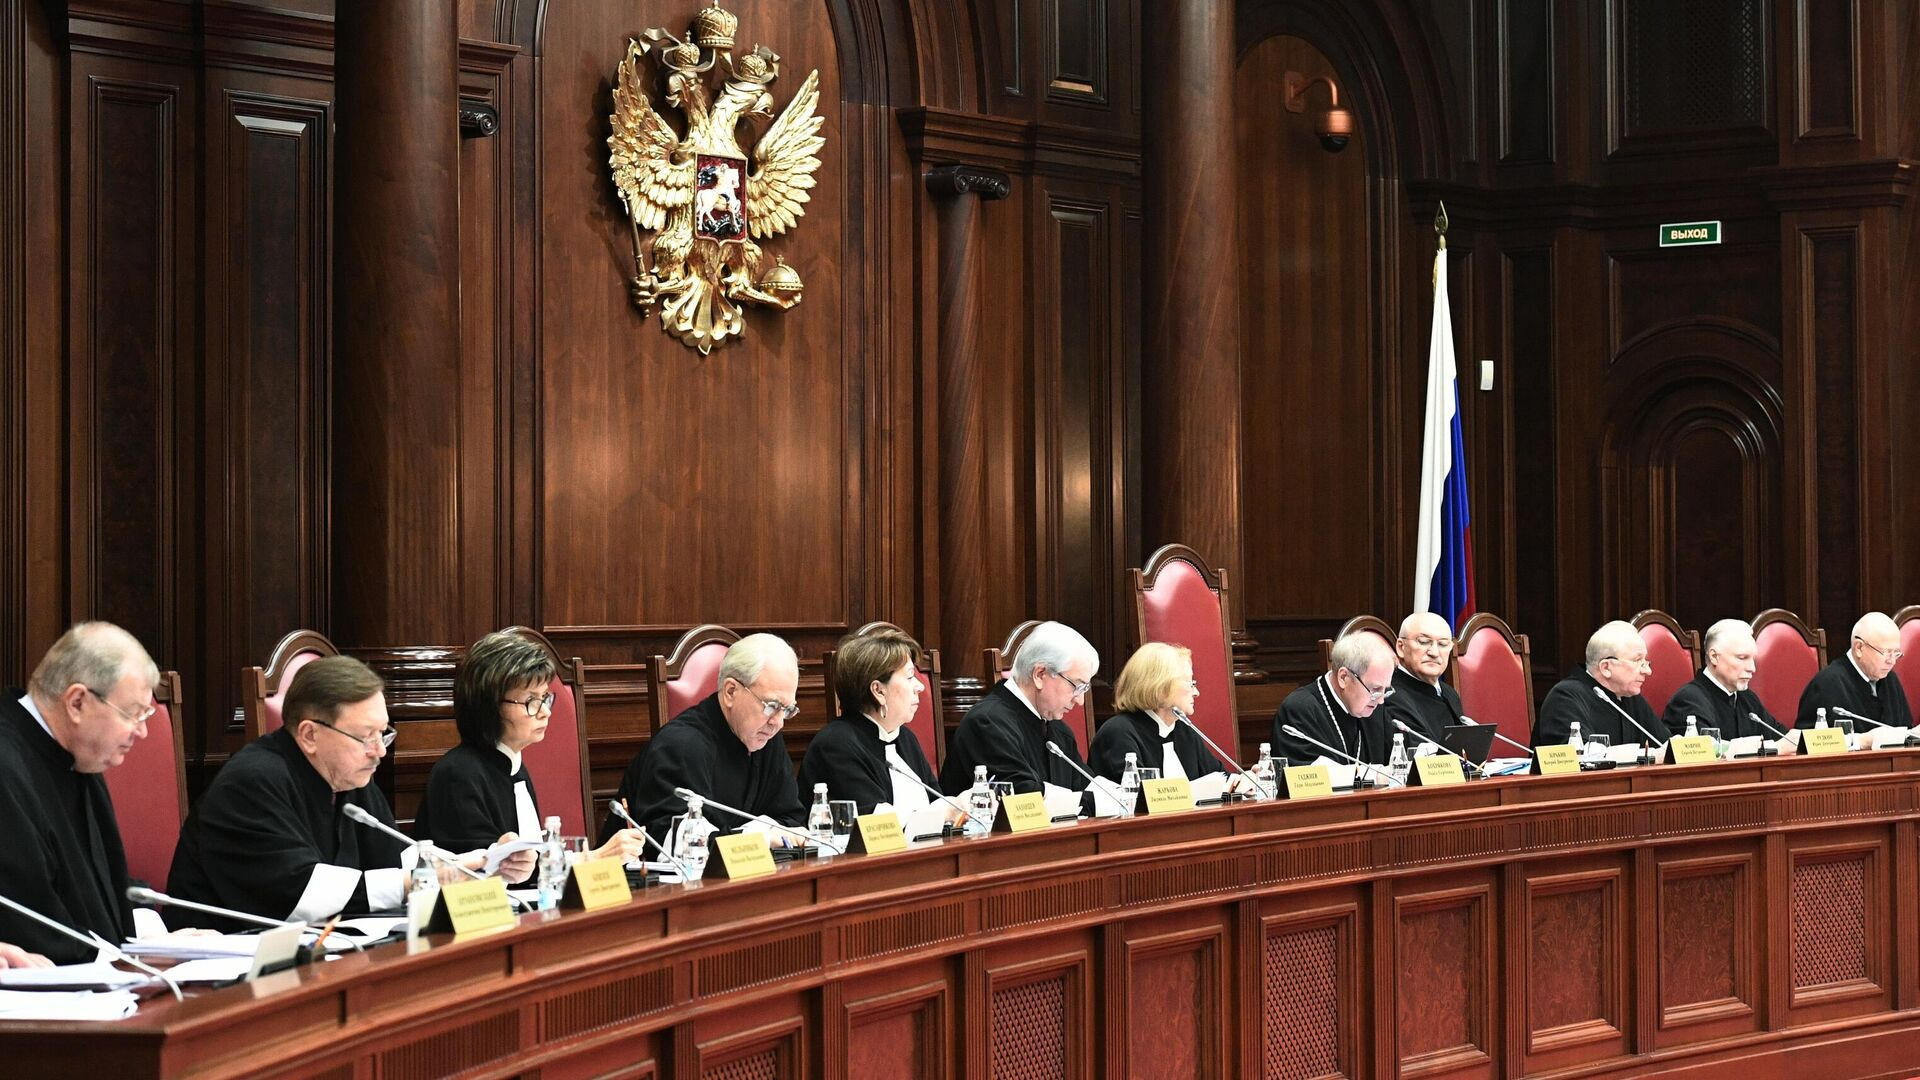 Заседание Конституционного суда РФ - РИА Новости, 1920, 13.10.2020